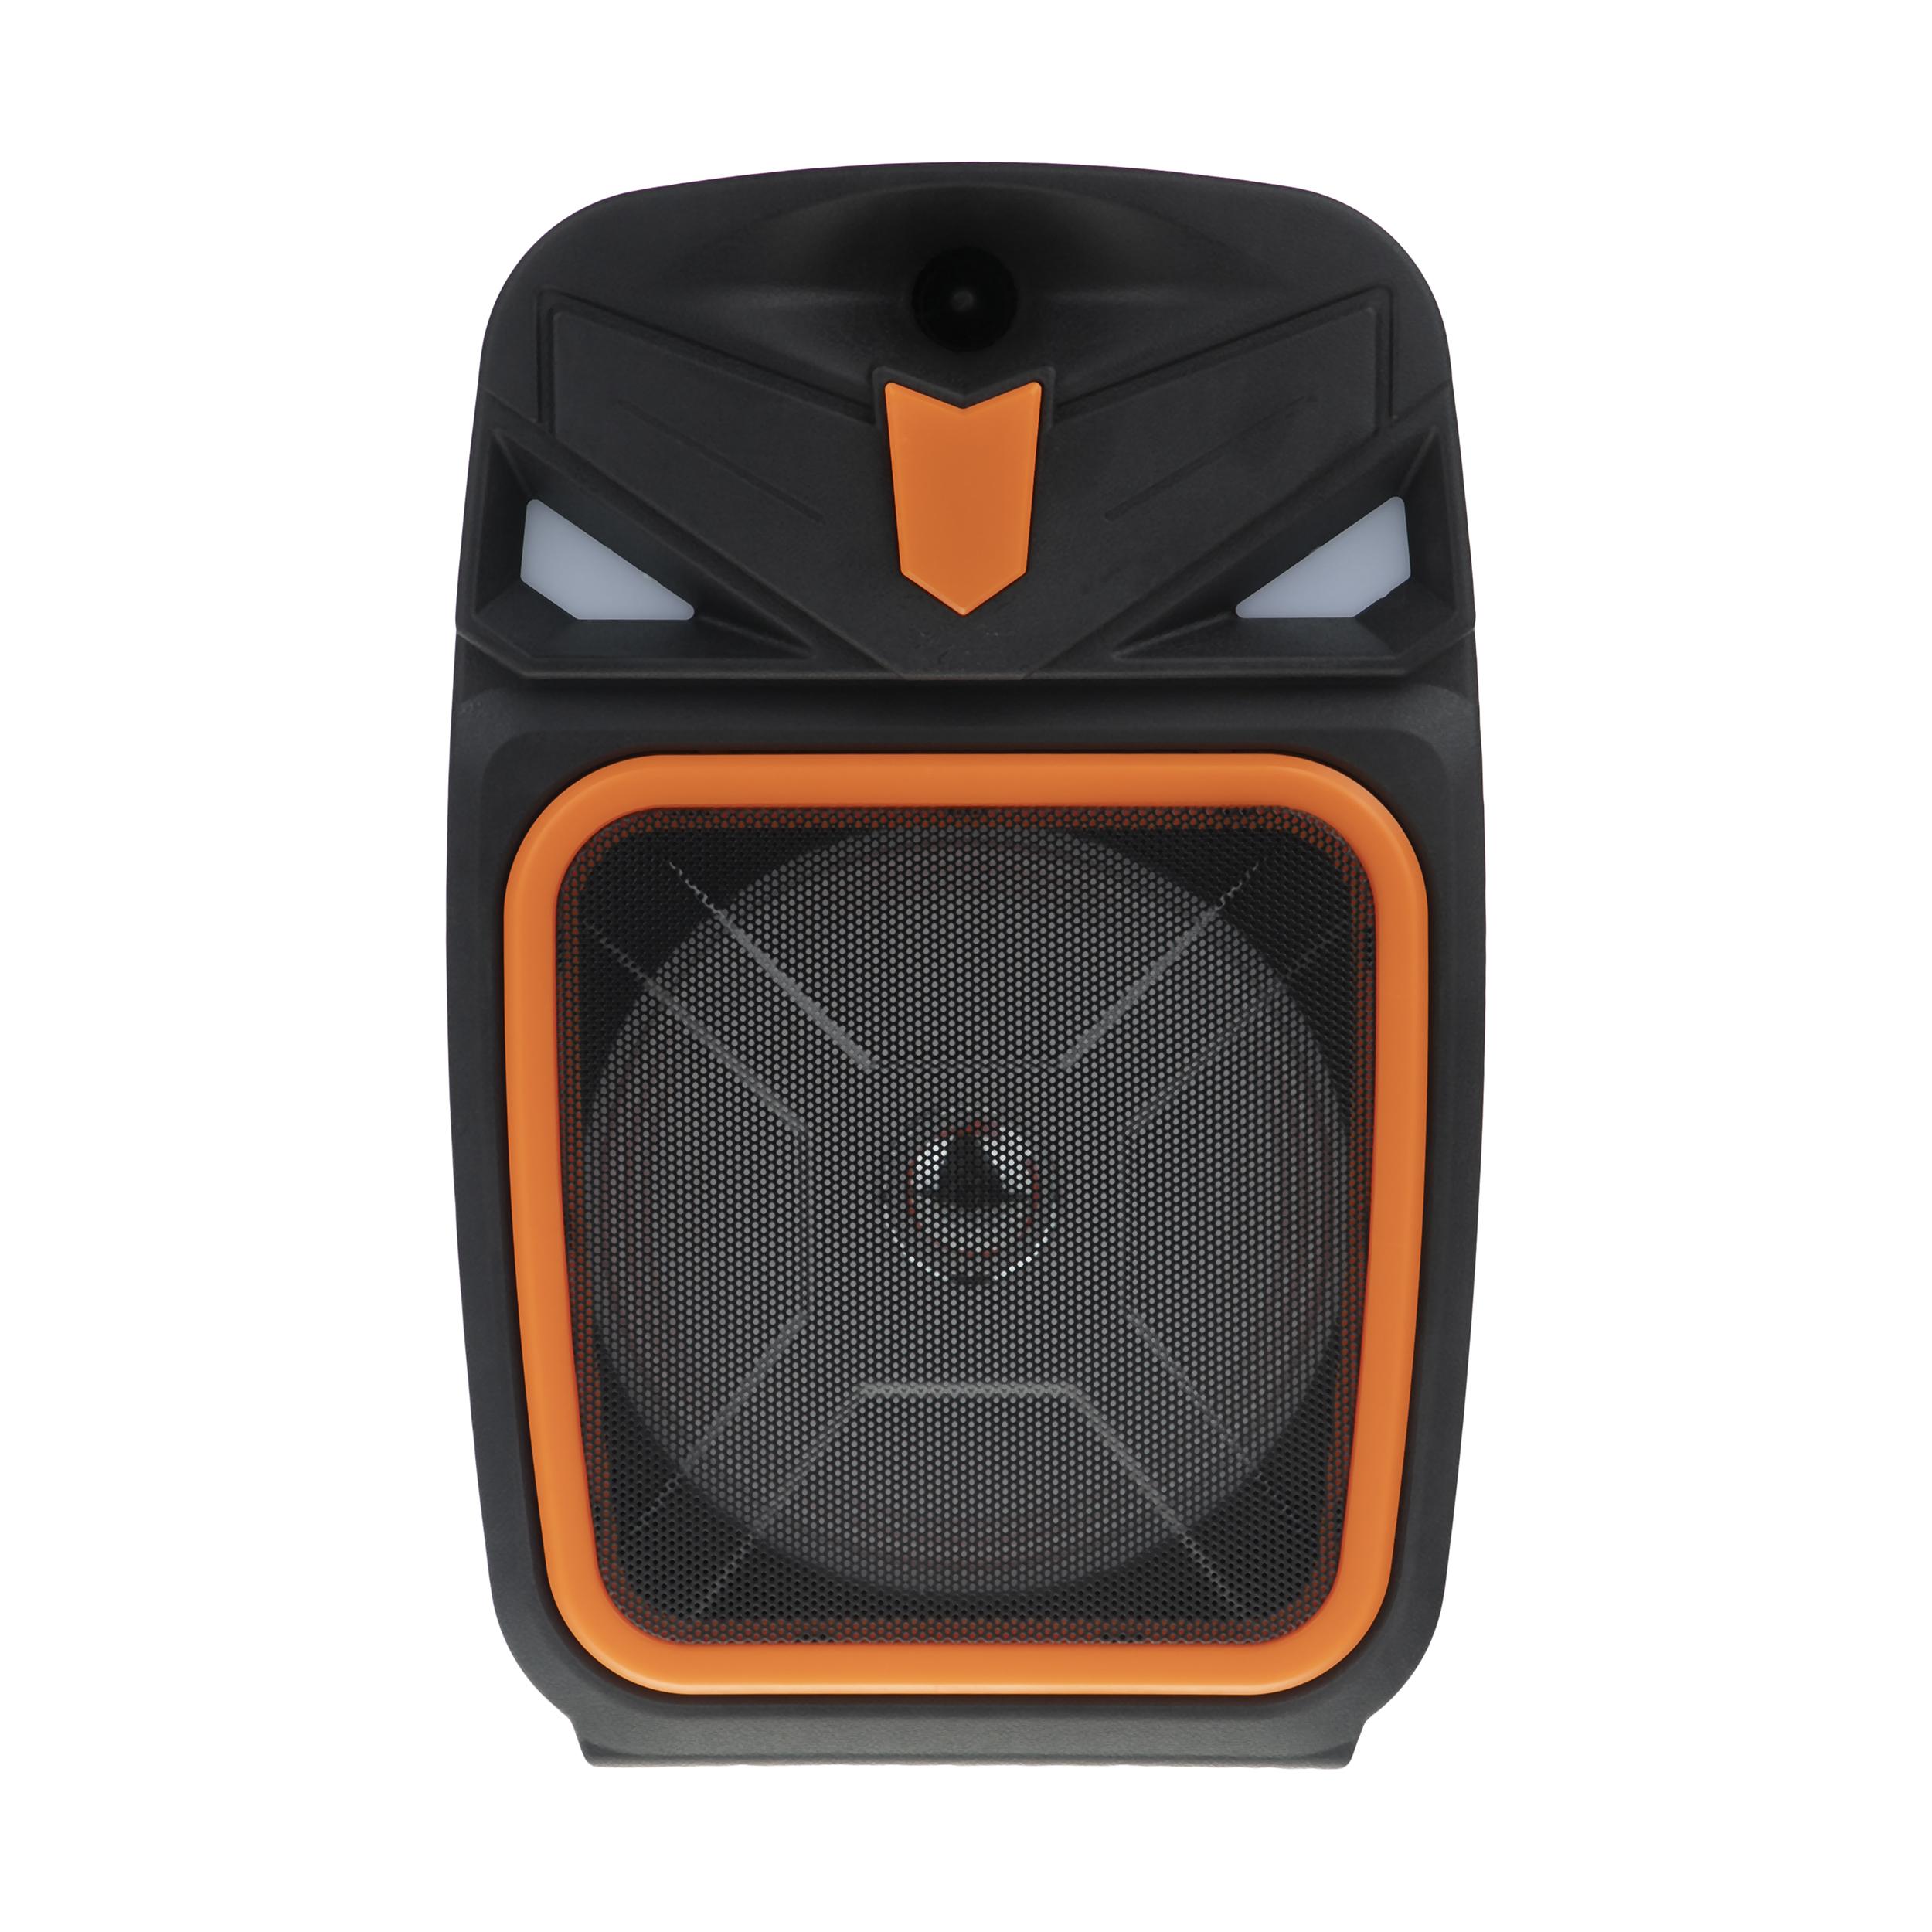 پخش کننده خانگی قابل حمل مدل FH-809